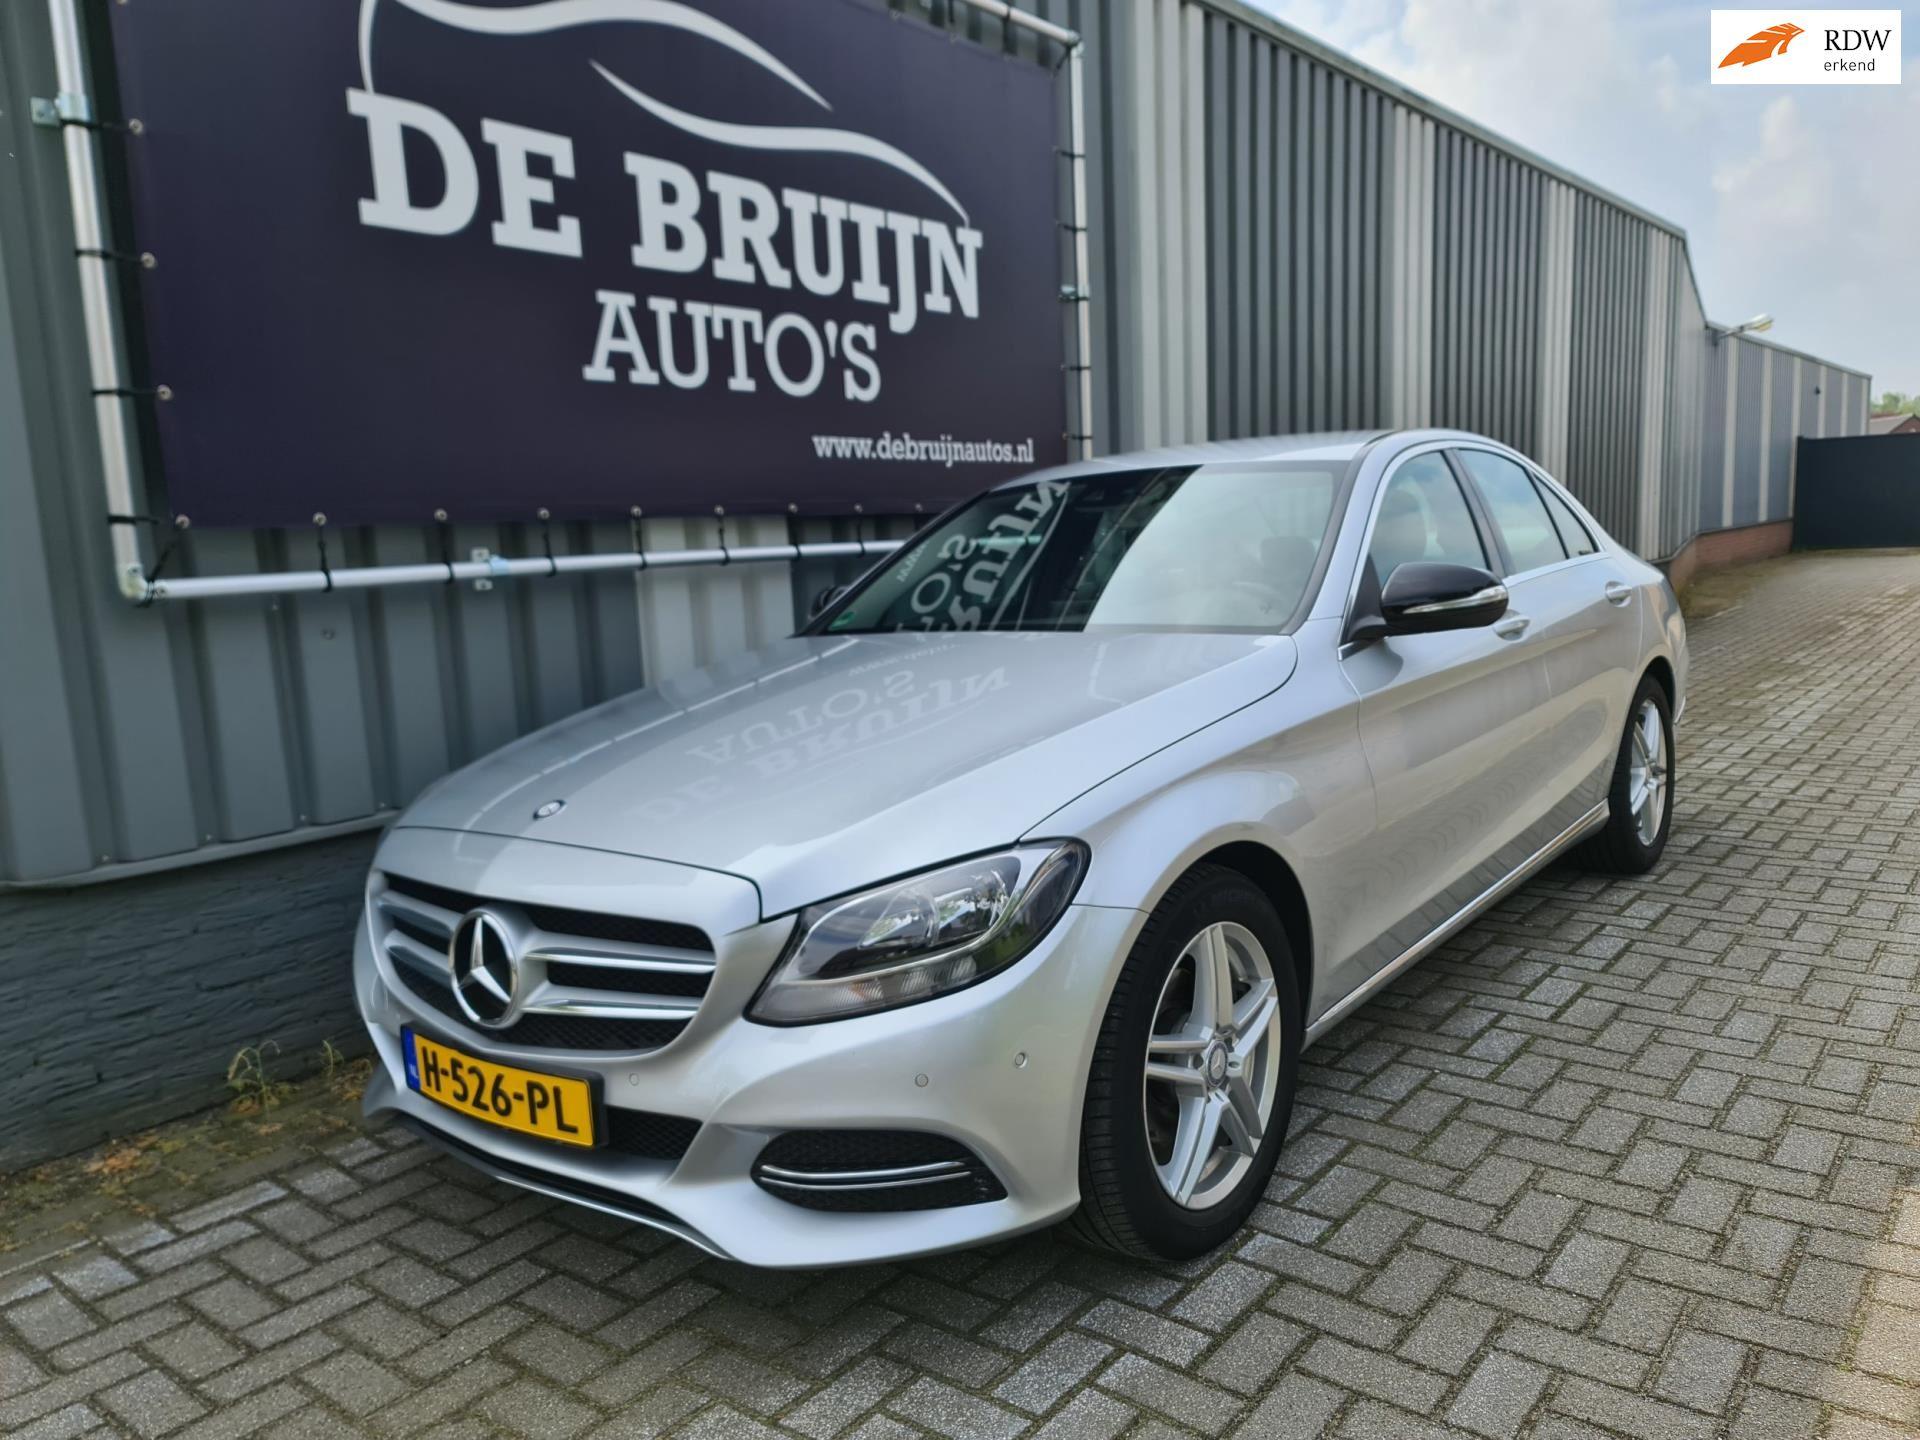 Mercedes-Benz C-klasse occasion - De Bruijn Auto's